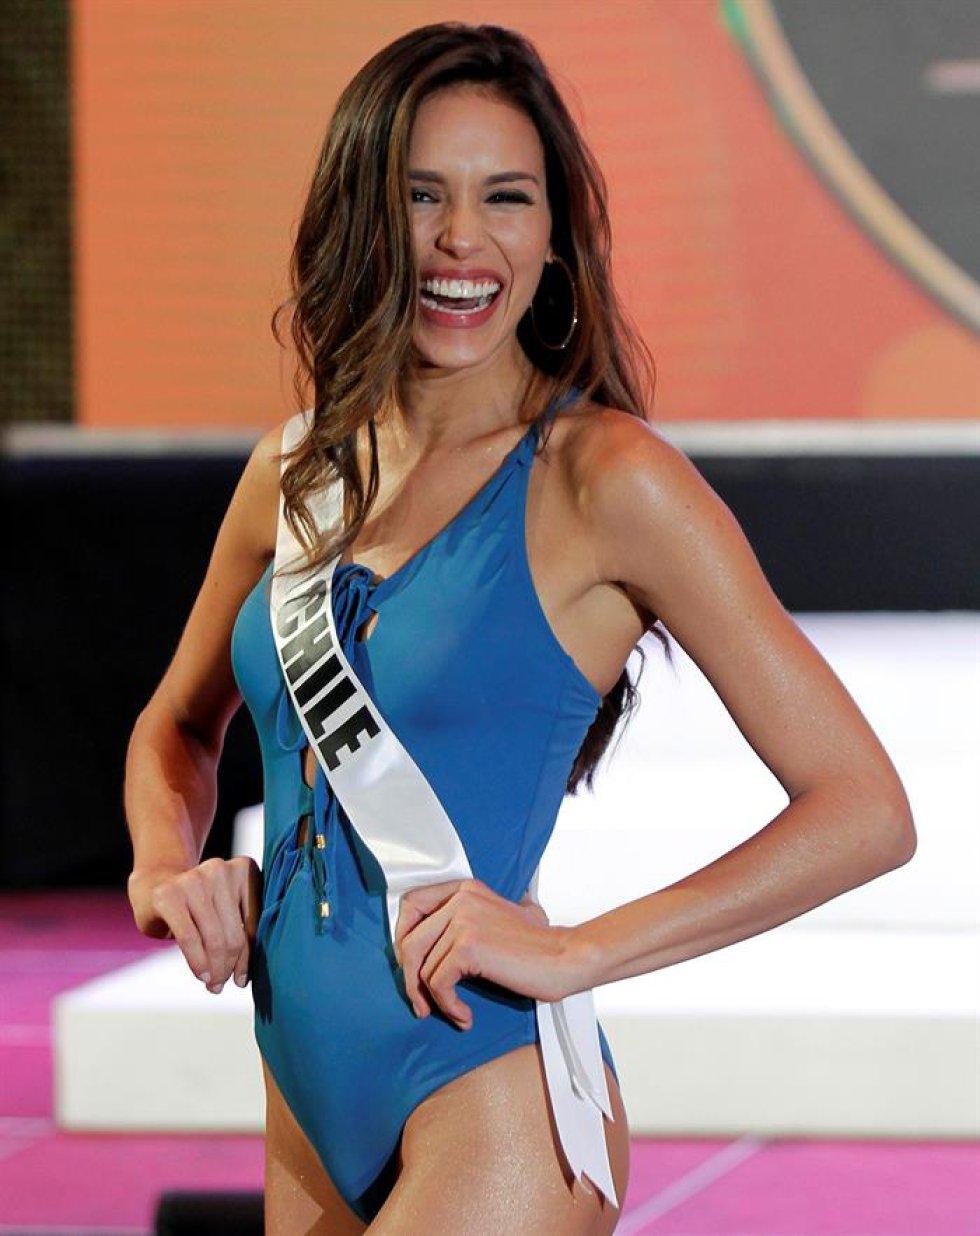 La aspirante chilena Catalina Paz Caceres participa en un desfile en traje de baño.